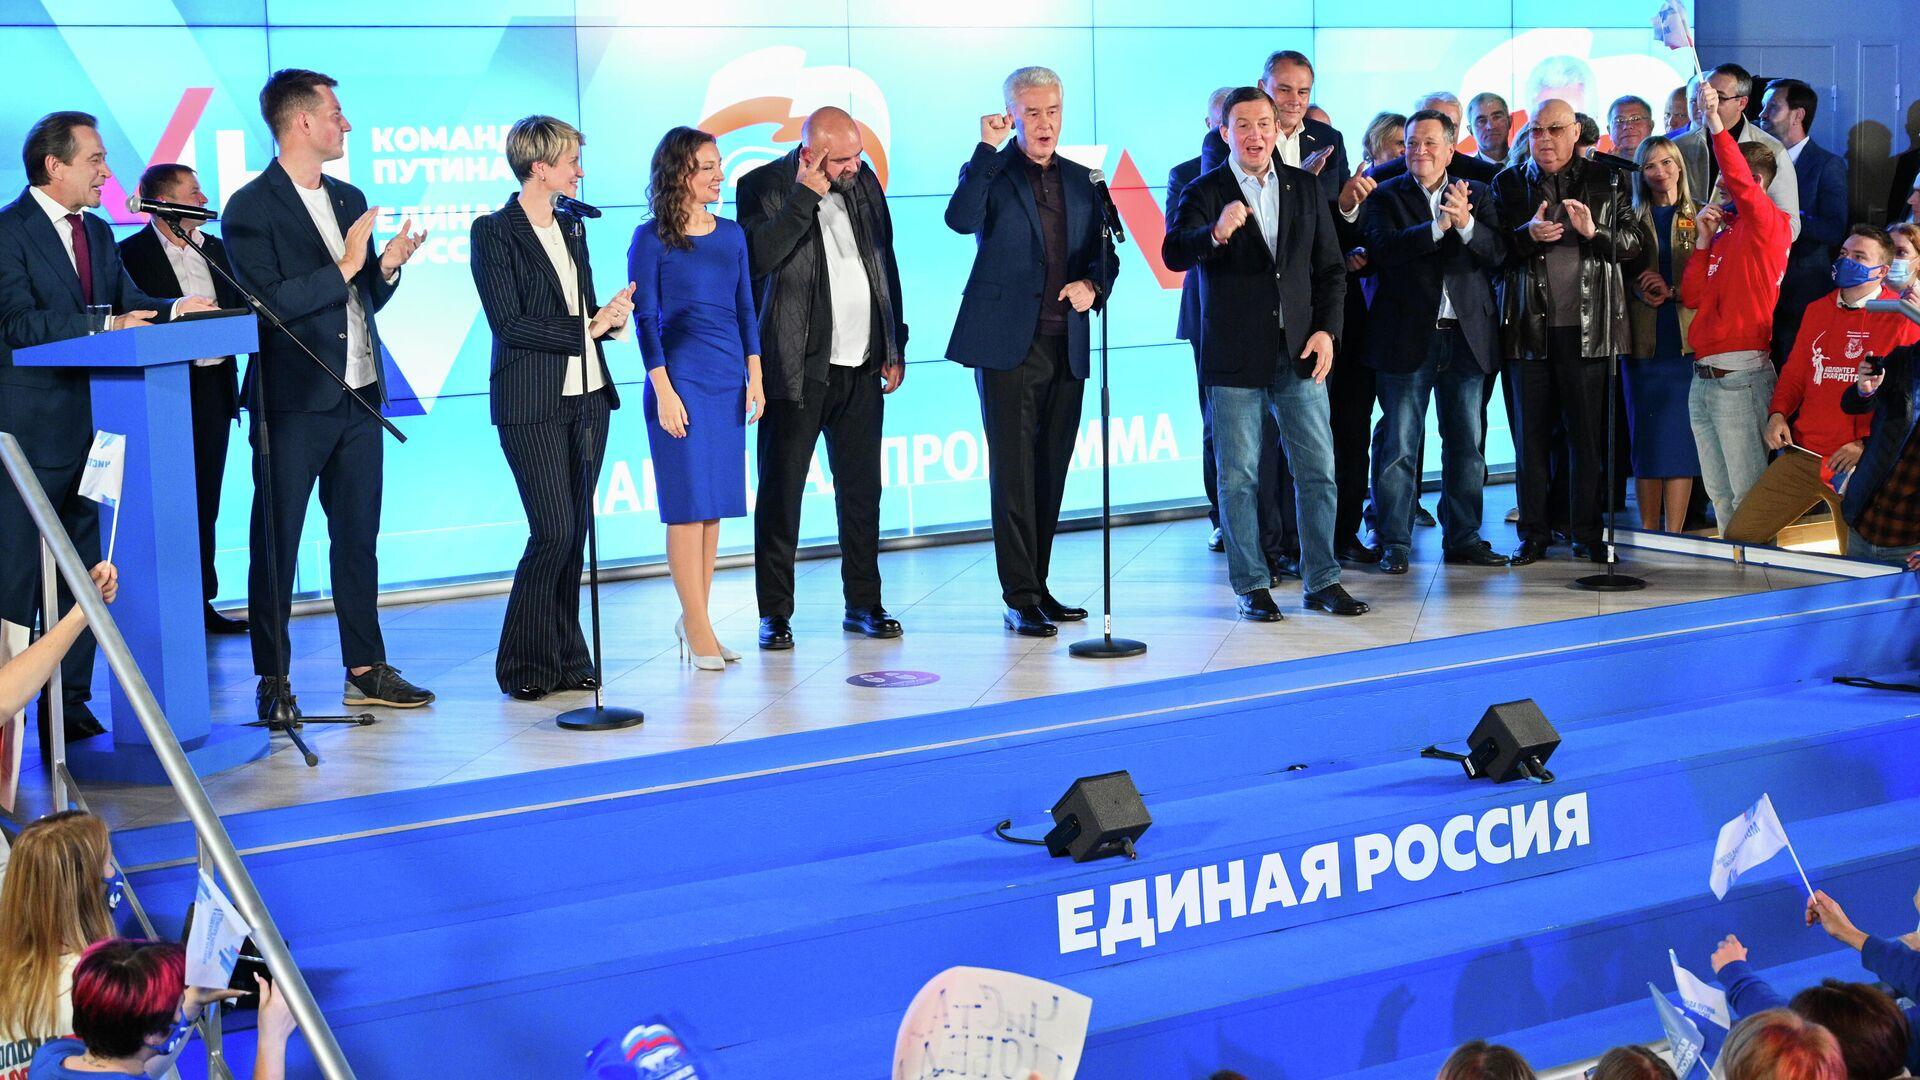 Partido Rusia Unida en las Elecciones generales de Rusia - Sputnik Mundo, 1920, 20.09.2021